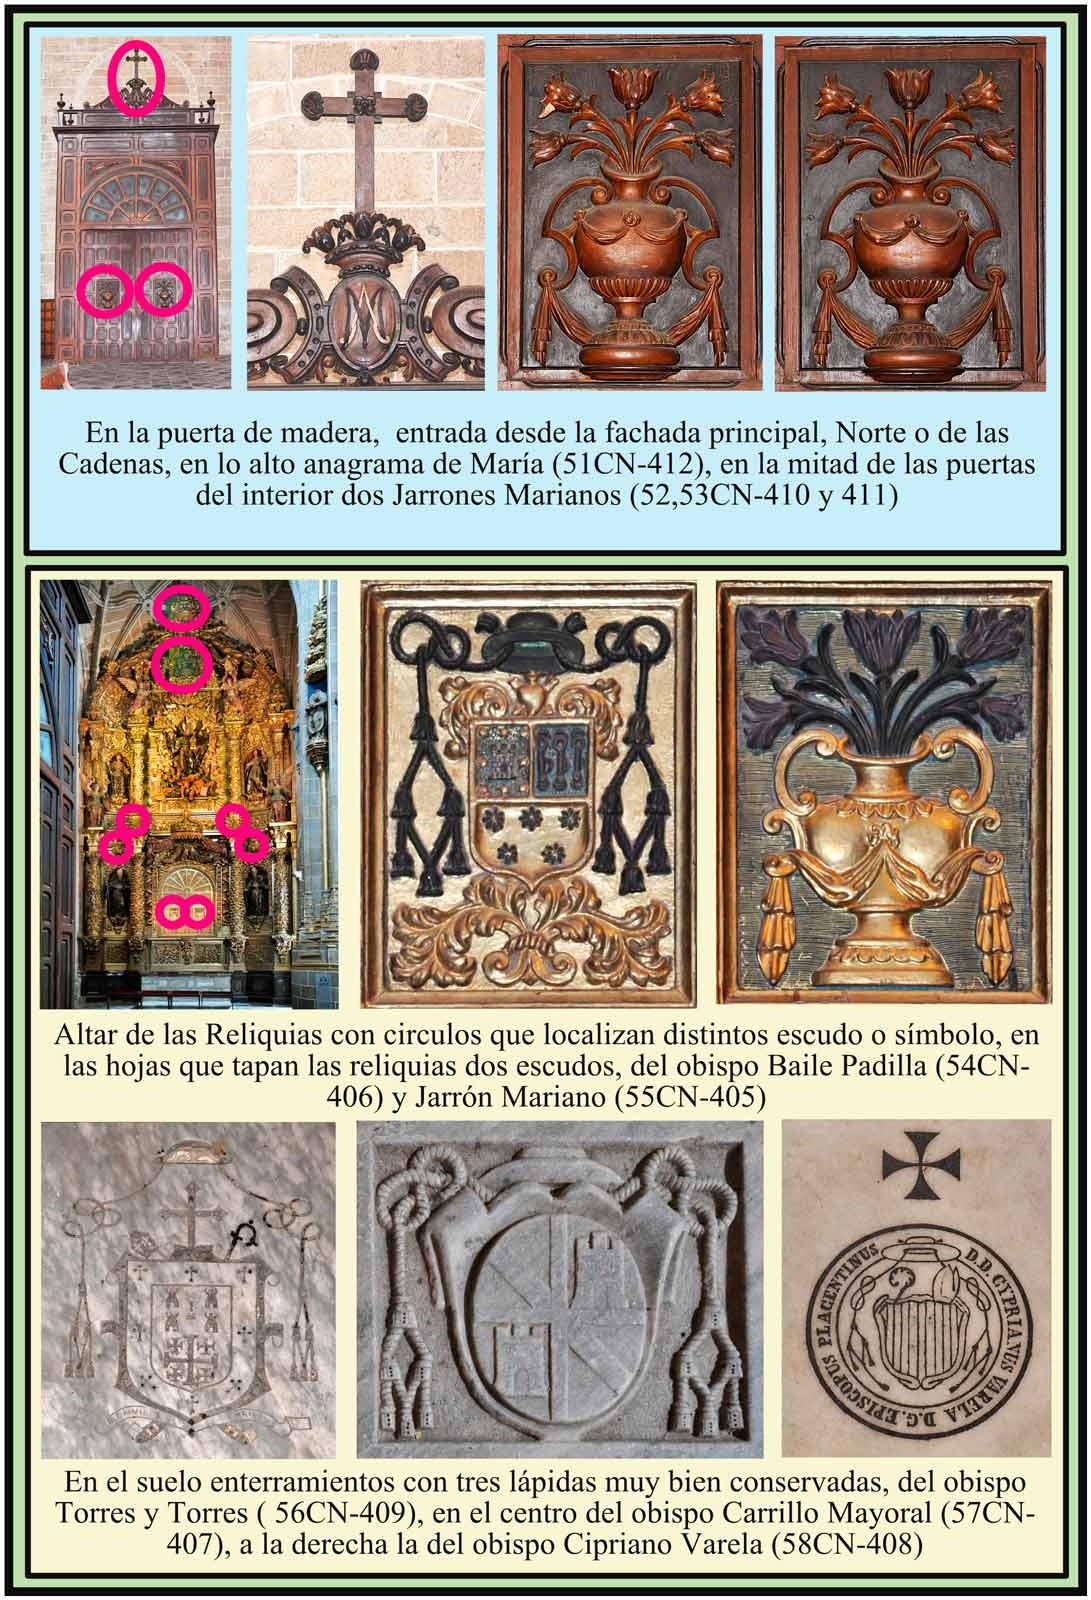 Entrada Norte anagramas de María. Altar de la Reliquias con escudos del Obispo Baile Padilla. Lapidas de Obispos Torres, Carrillo Mayoral y Varela